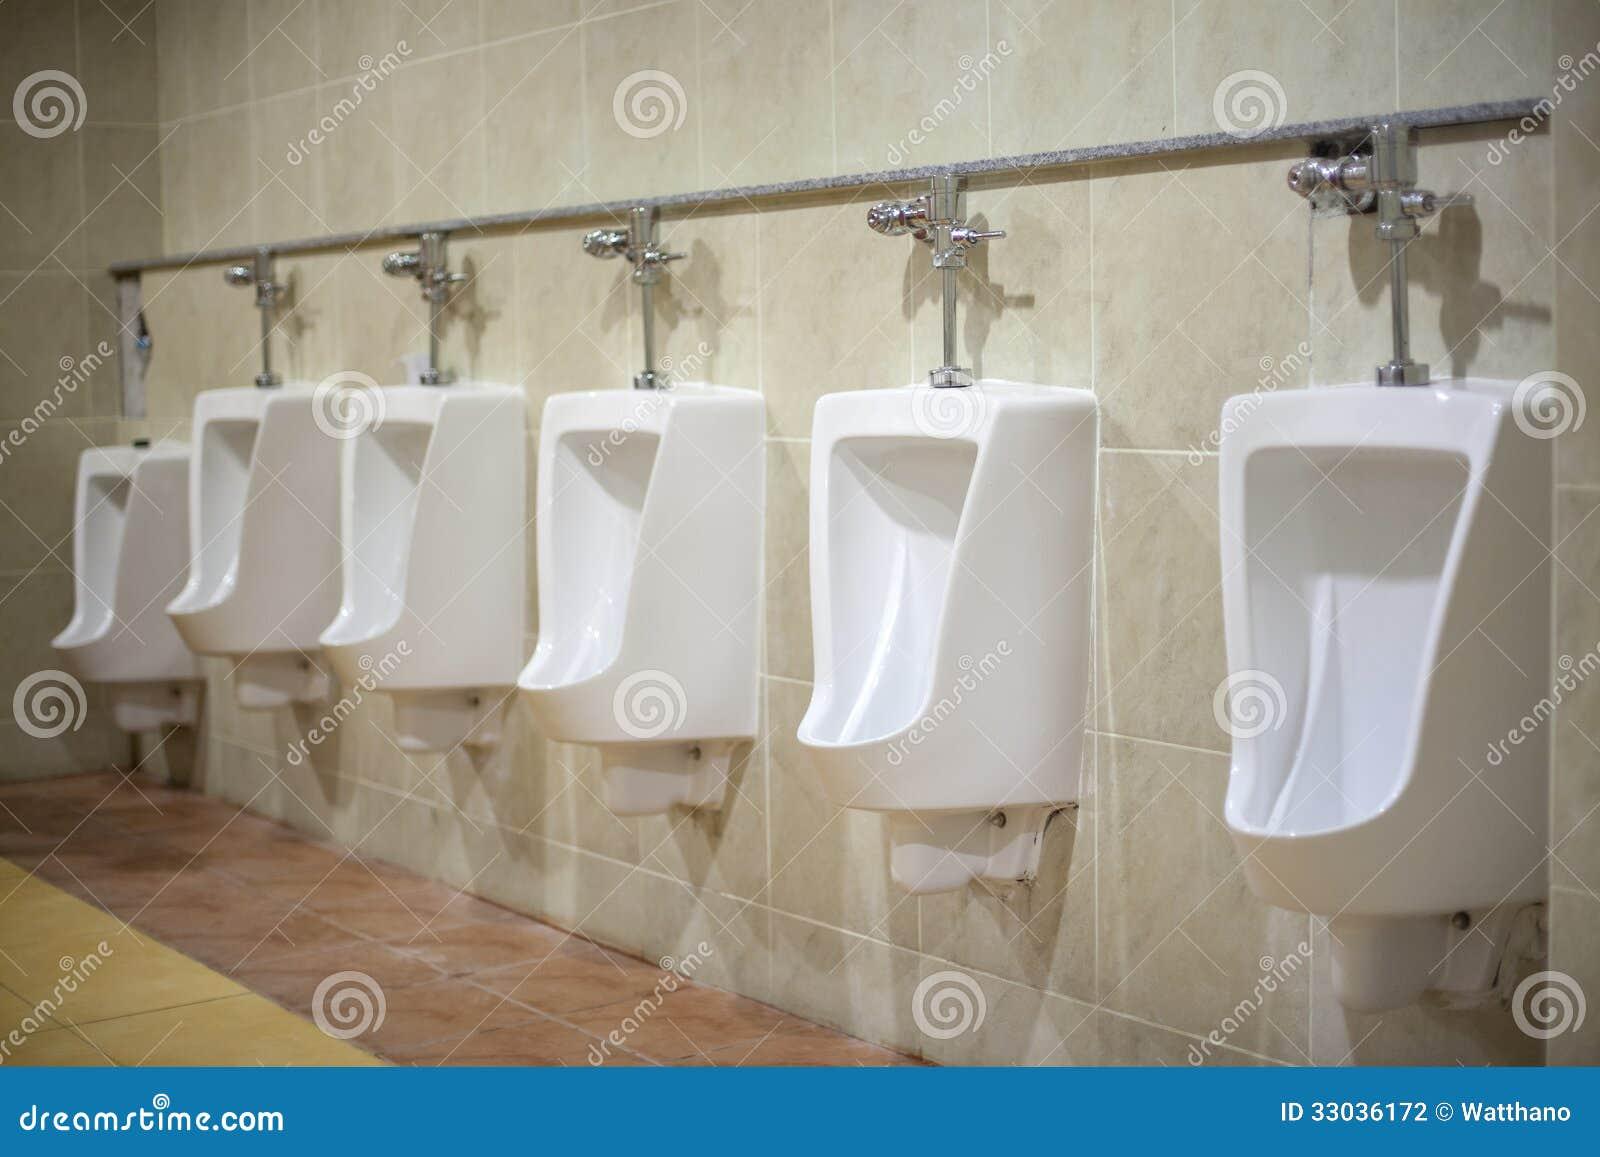 Toilette en c ramique blanche fix e au mur dans la salle - Salle de bain carrelee ...